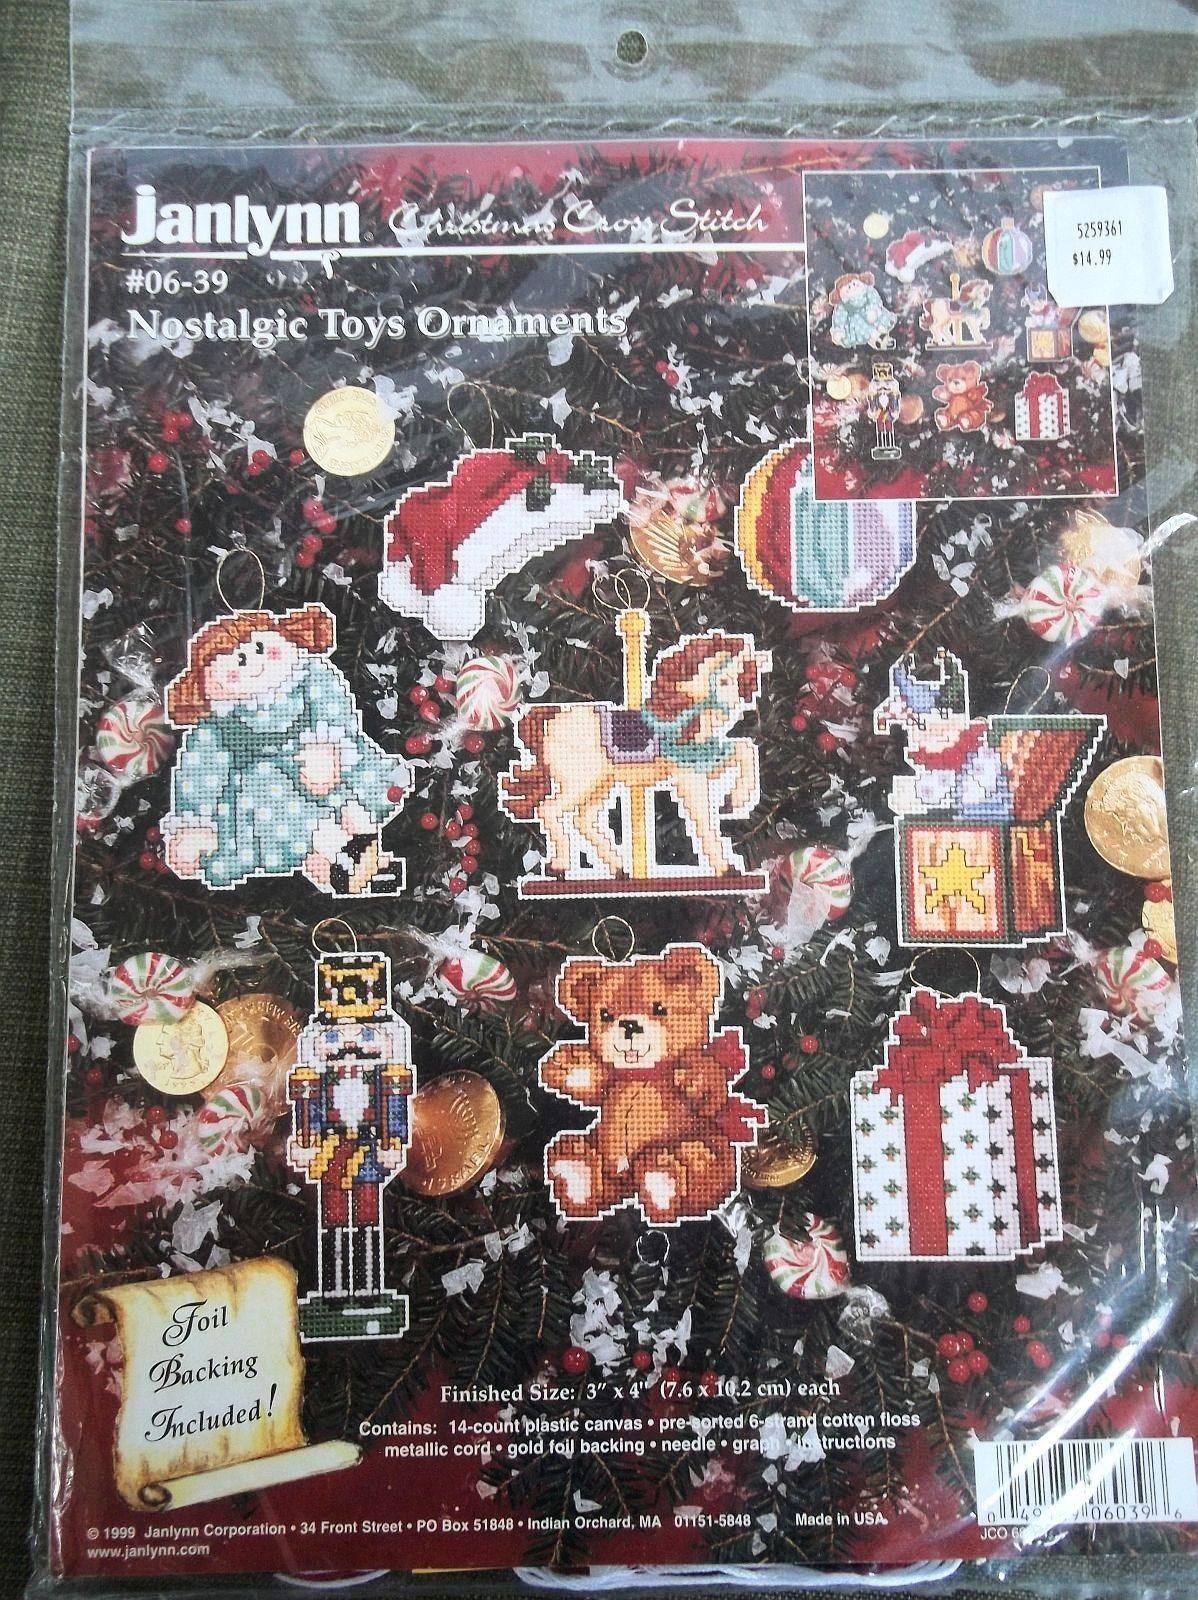 Nostalgic Toy Ornaments 06-39 Janlynn NOS Plastic Canvas Christmas Kit